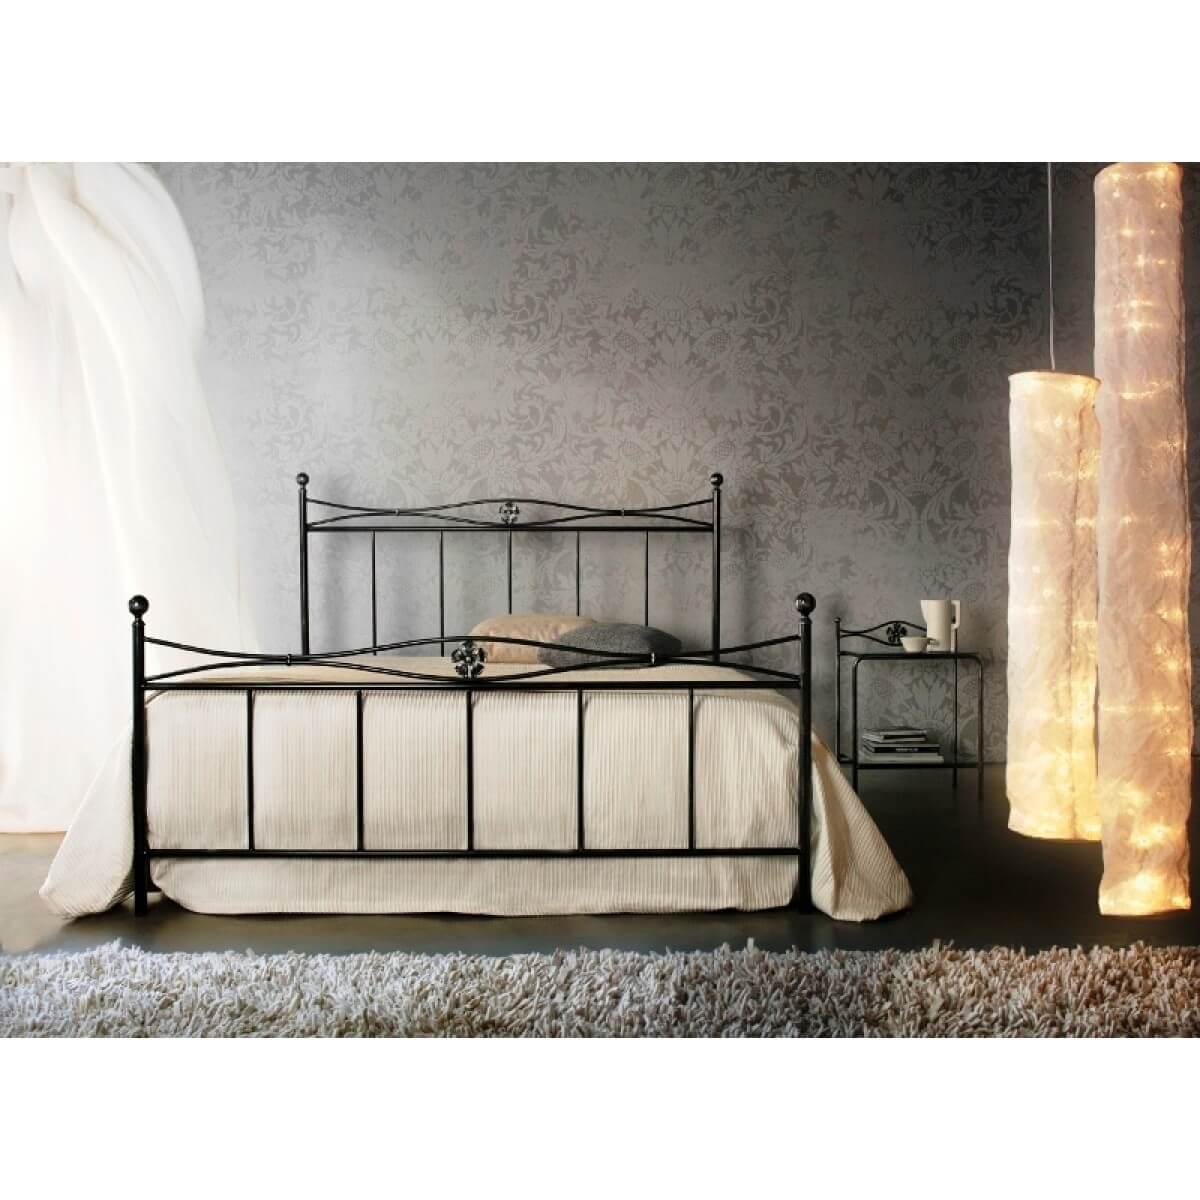 Letto in ferro battuto modello albados arredamento zona notte letti in ferro battuto - Testiere letto ferro battuto ...